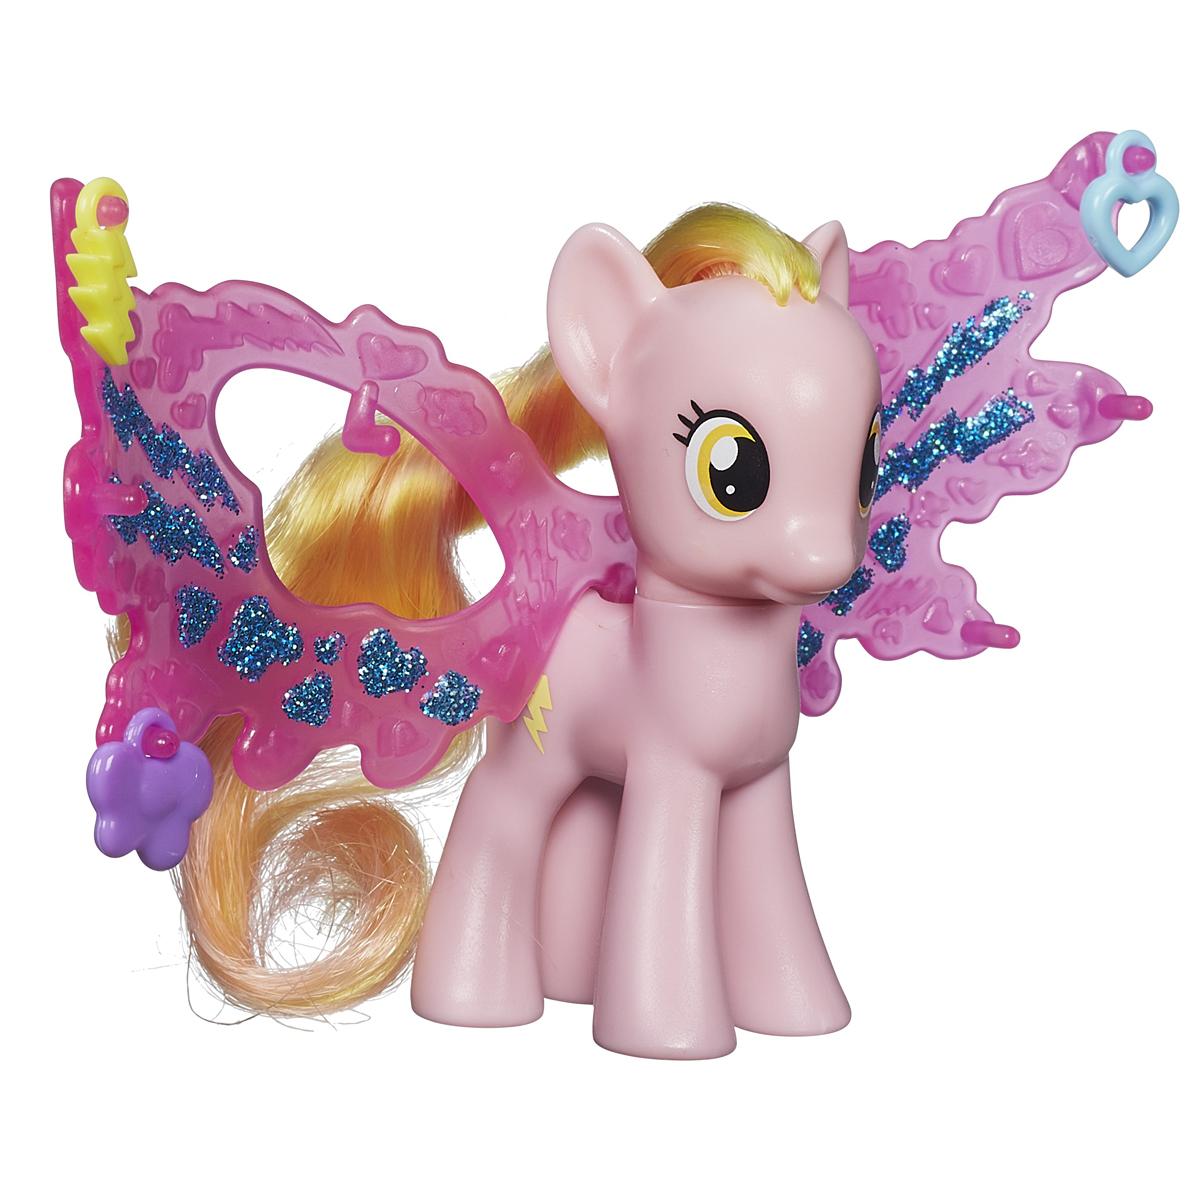 My Little Pony Фигурка пони Хани Рейс с волшебными крыльямиB0358EU4_B0672Фигурка My Little Pony Хани Рейс привлечет внимание вашей малышки! Она выполнена из прочного пластика в виде милой пони Хани Рейс с яркой гривой и хвостом. Головка фигурки подвижна. В комплект с пони входят большие пластиковые крылья и три аксессуара, которыми их можно украсить. Вашей принцессе понравится играть с фигуркой и воссоздавать сцены из любимого мультсериала. Порадуйте ее таким замечательным подарком!